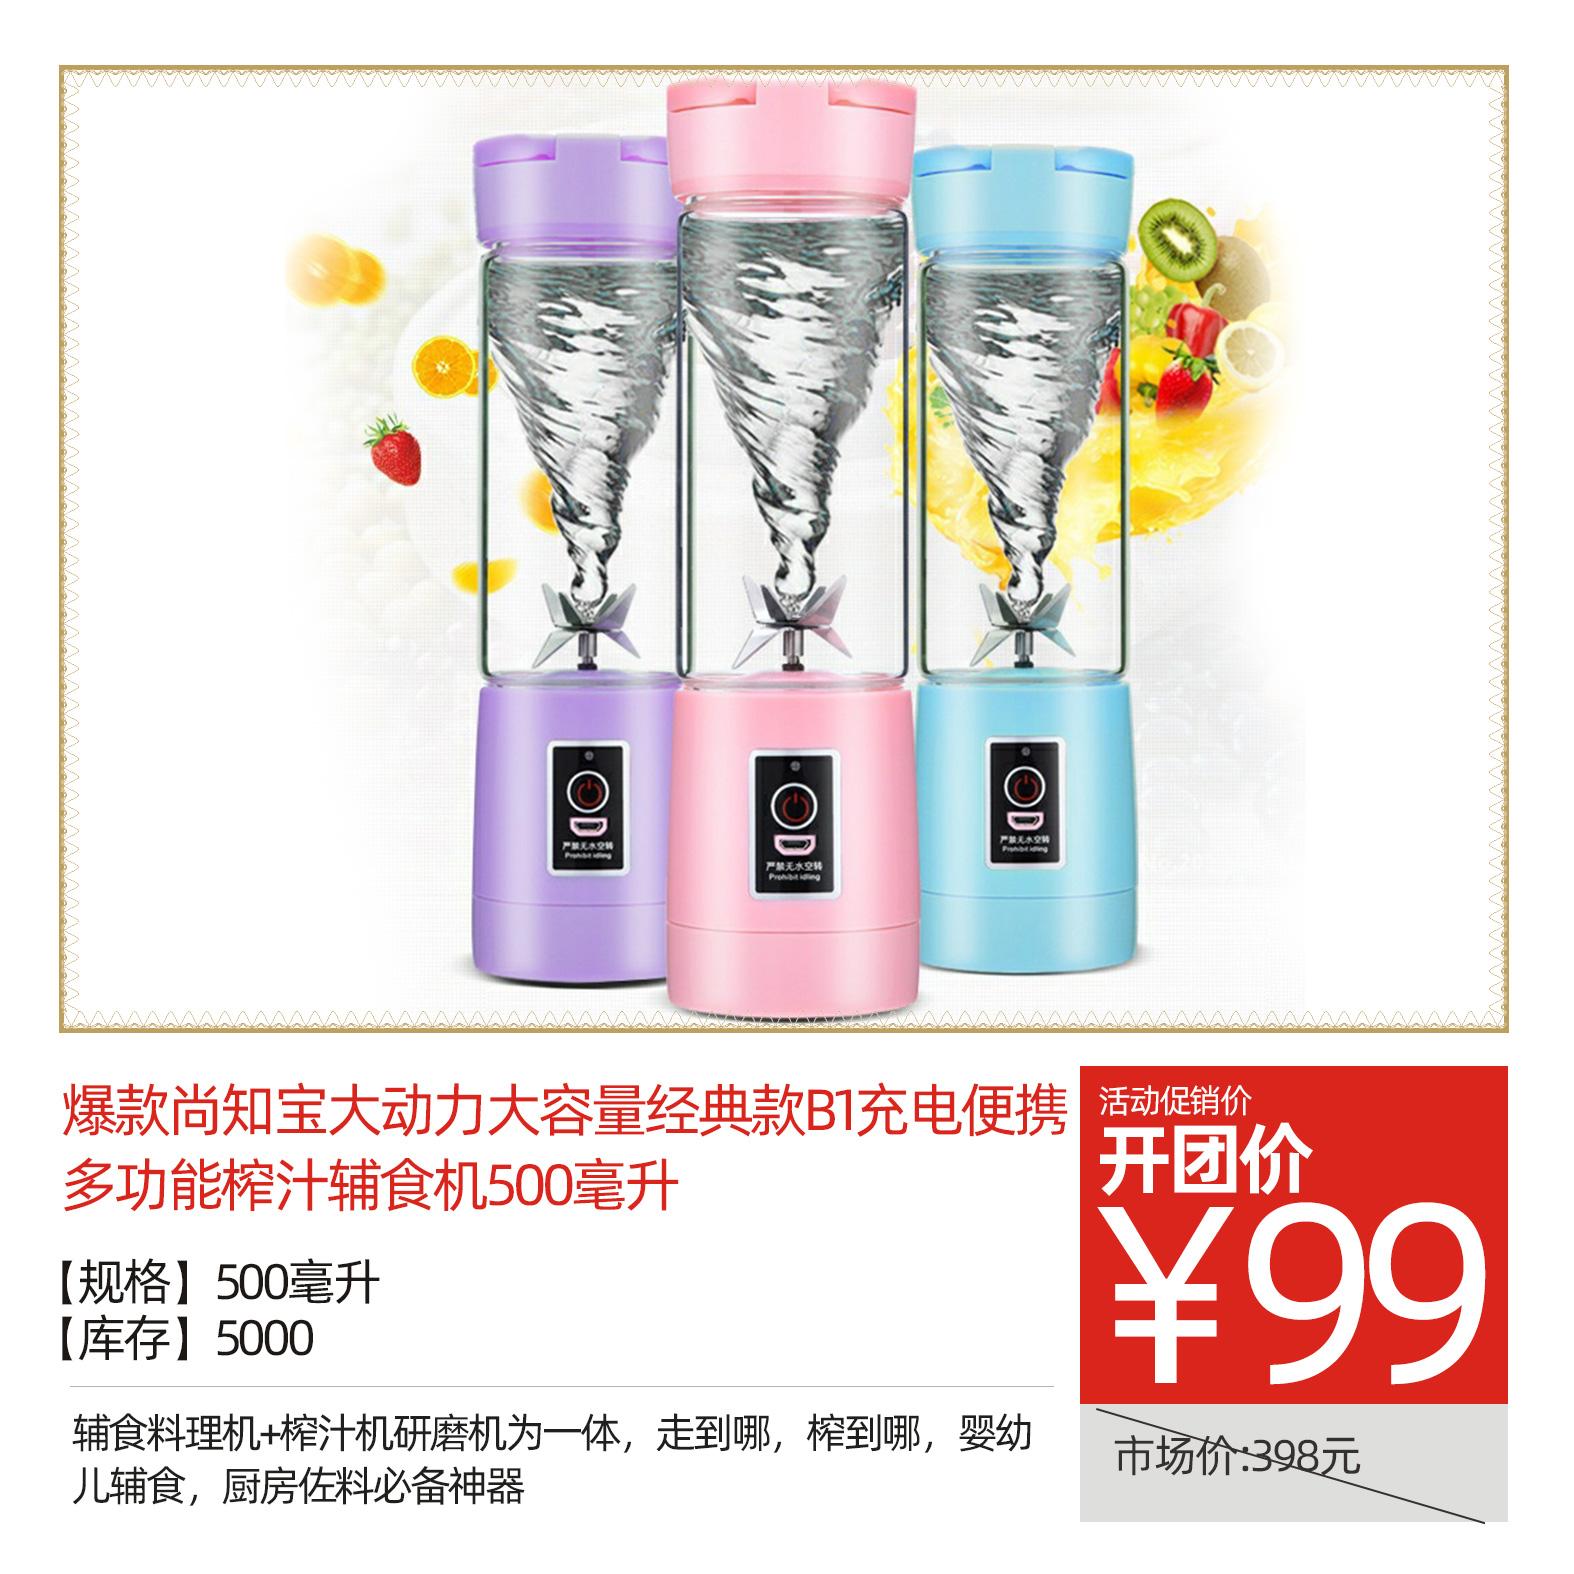 尚知宝爆款尚知宝大动力大容量经典款B1充电便携多功能榨汁辅食机500毫升携带方便!